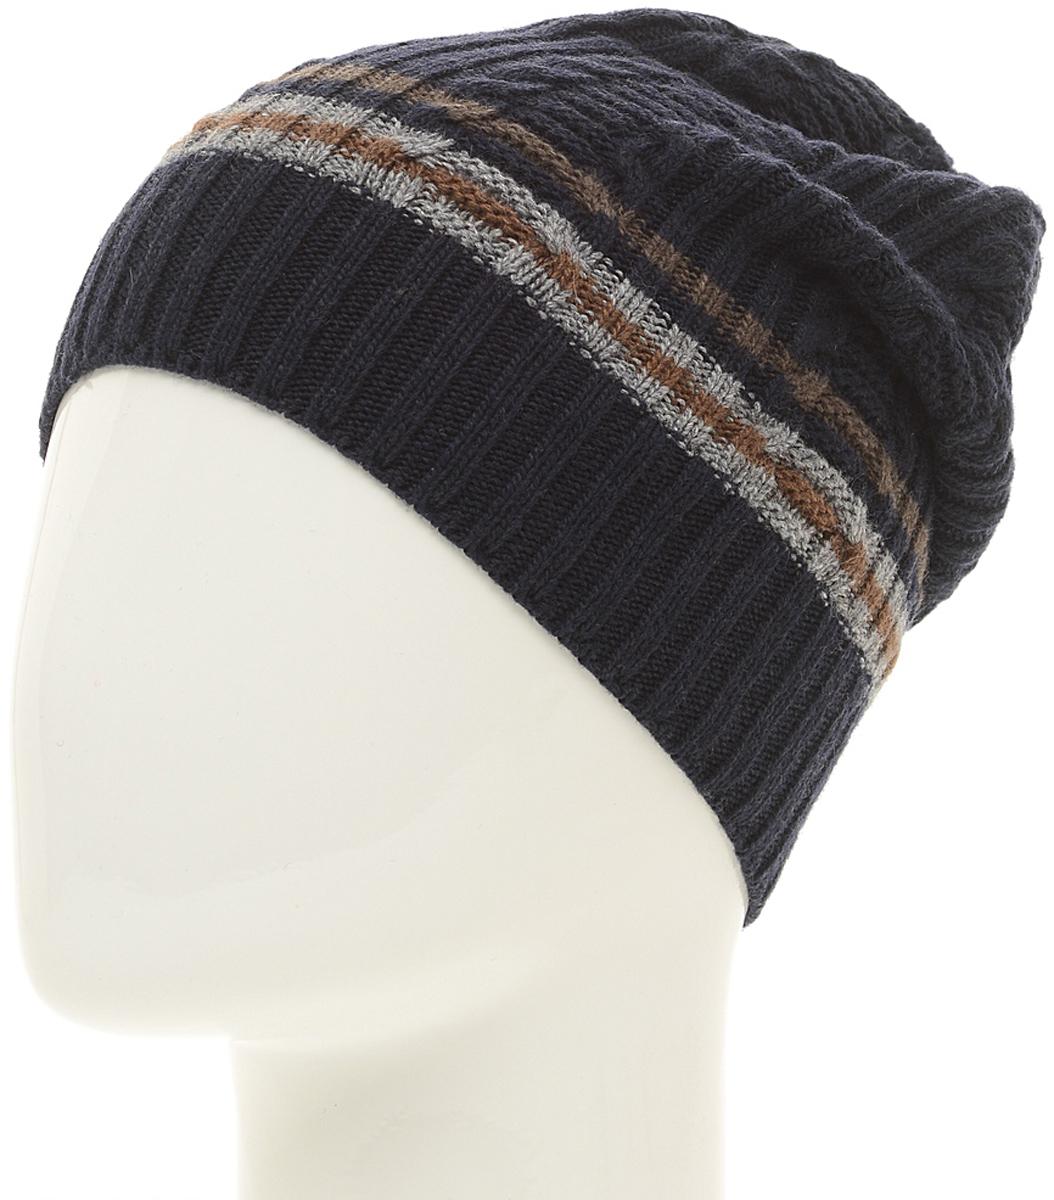 Шапка мужская Marhatter, цвет: темно-синий. Размер 57/59. MMH6591/2MMH6591/2Стильная шапка выполнена из тонкого кашемира и утеплена флисом. Идеальный вариант на каждый день.